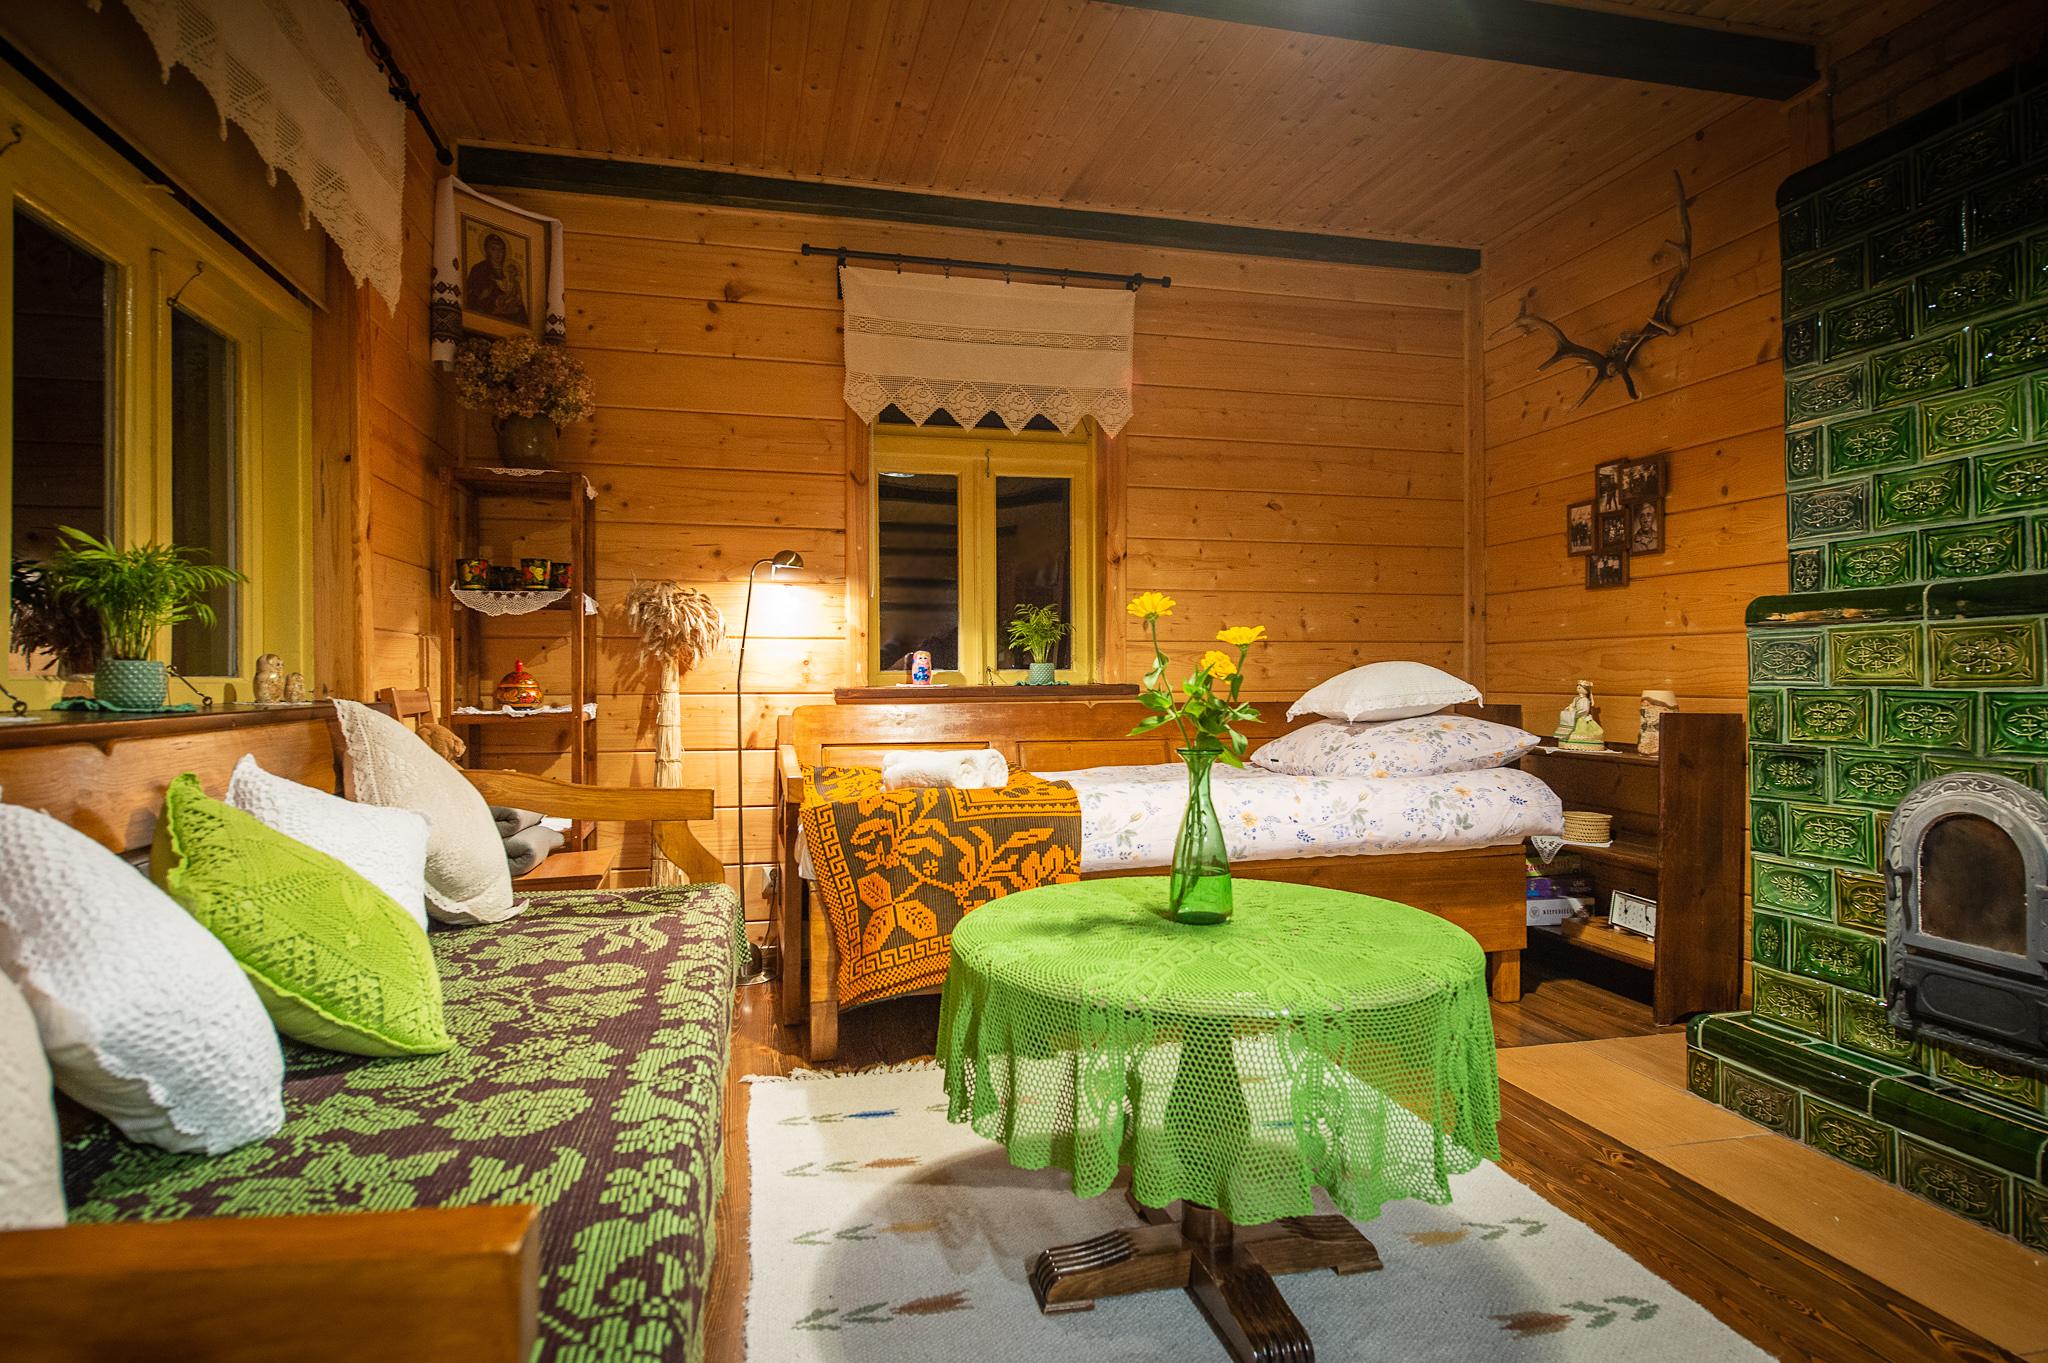 Chata Knyszewicze duża izba